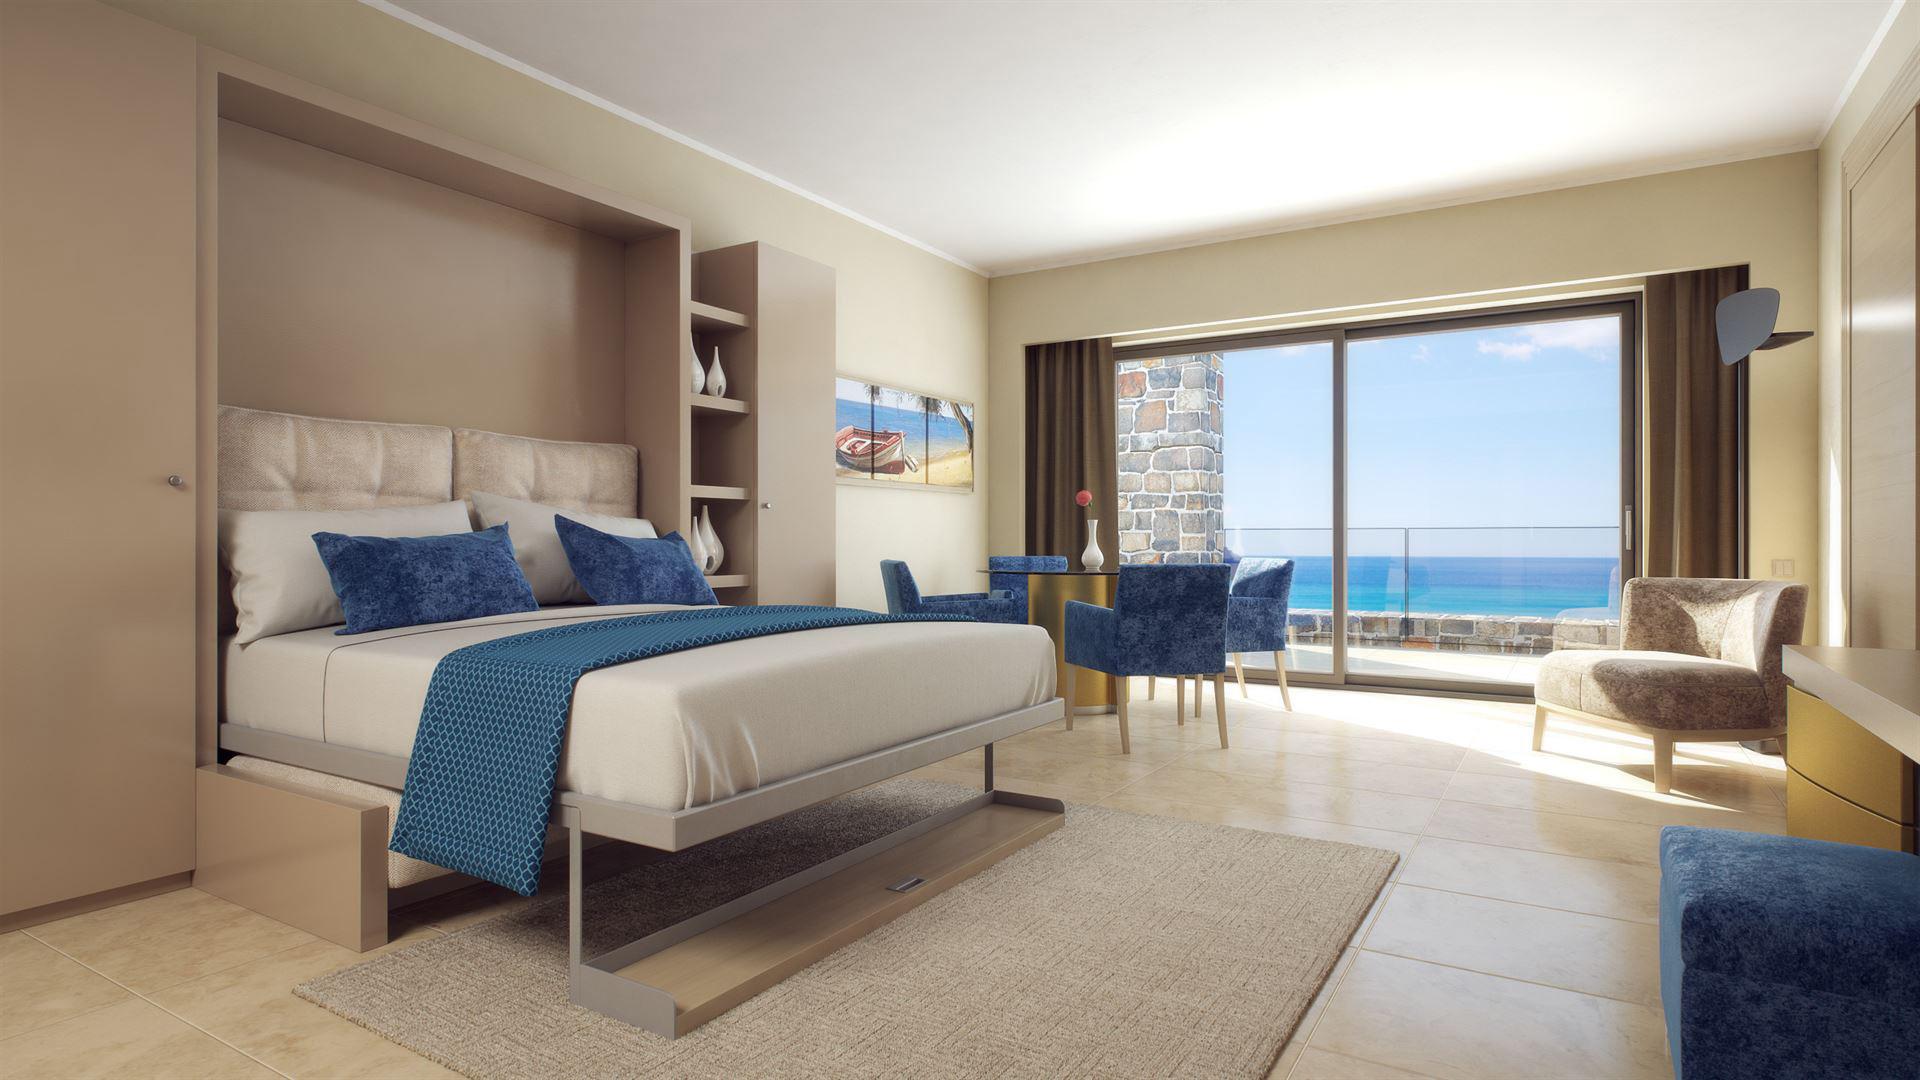 Apartment for sale in Dubai, UAE, 3 bedrooms, 186 m2, No. 23875 – photo 1